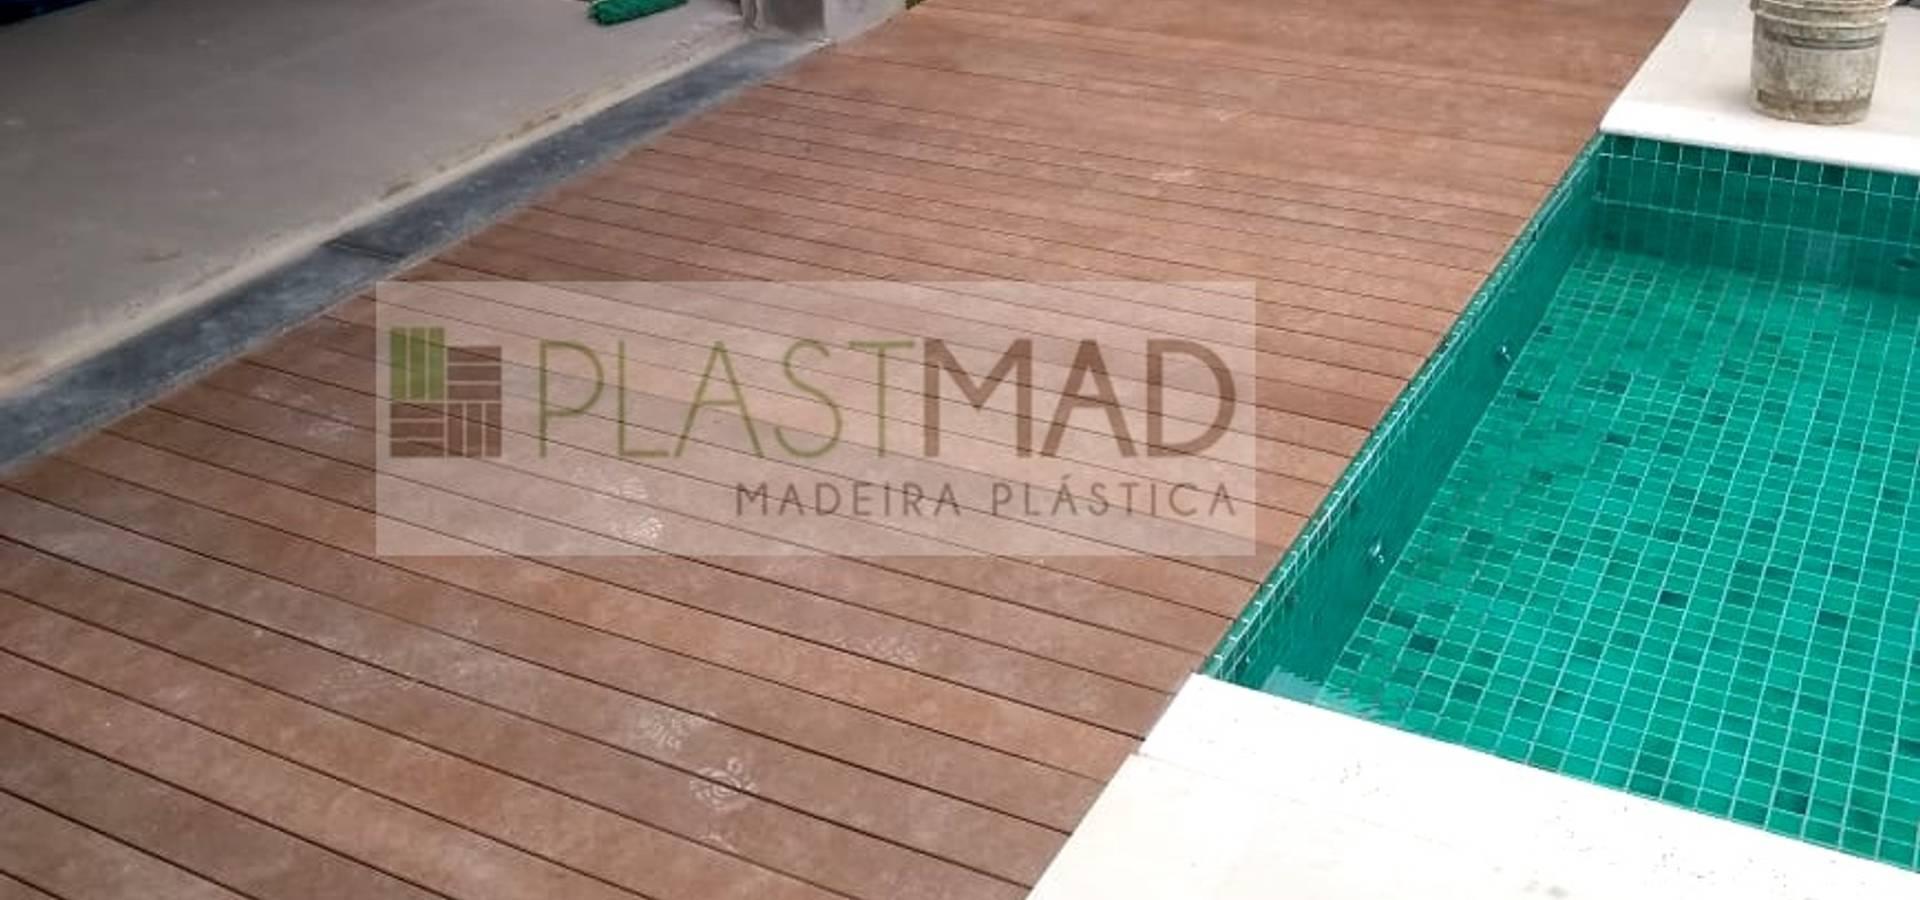 Plastmad—Madeira Plástica